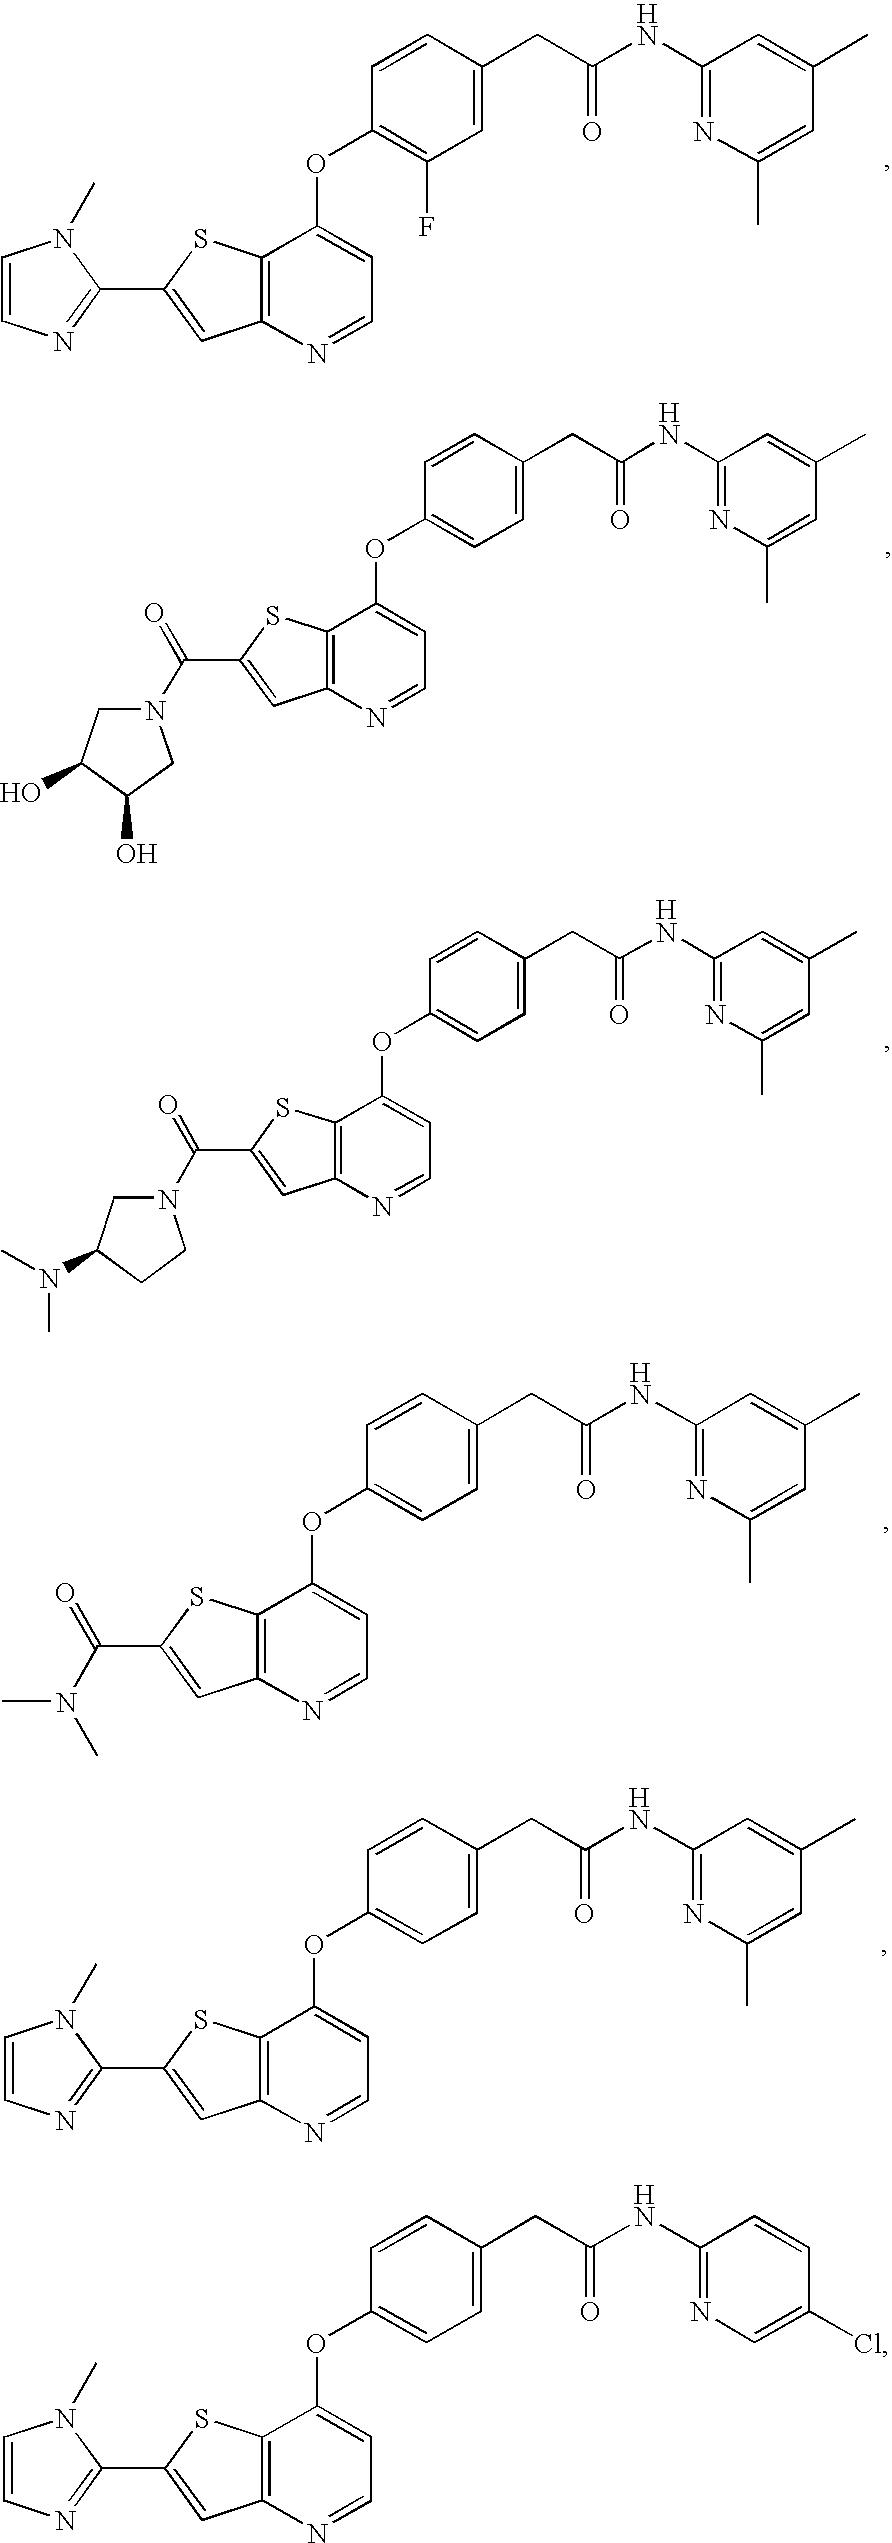 Figure US07208500-20070424-C00004